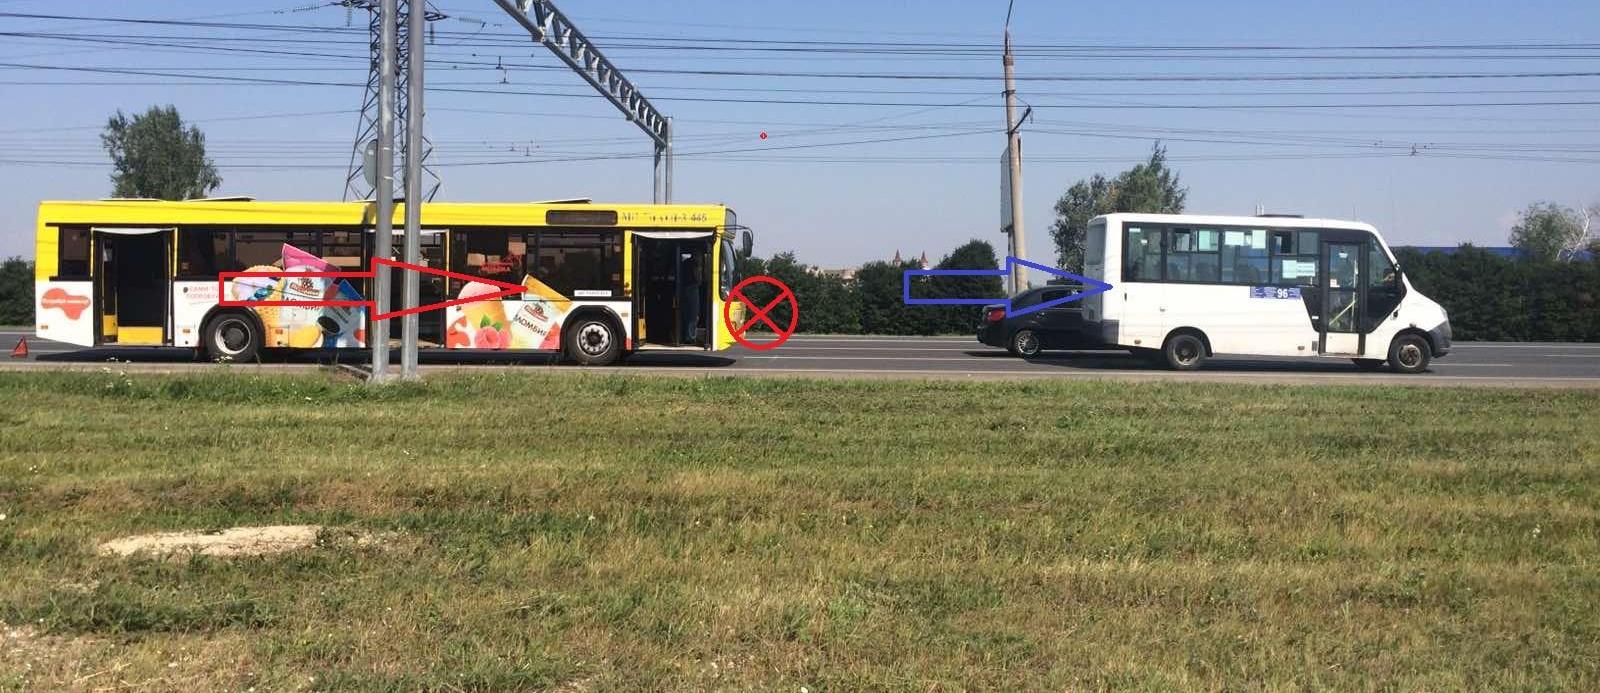 В Тольятти автобус врезался в маршрутку. Пострадала женщина